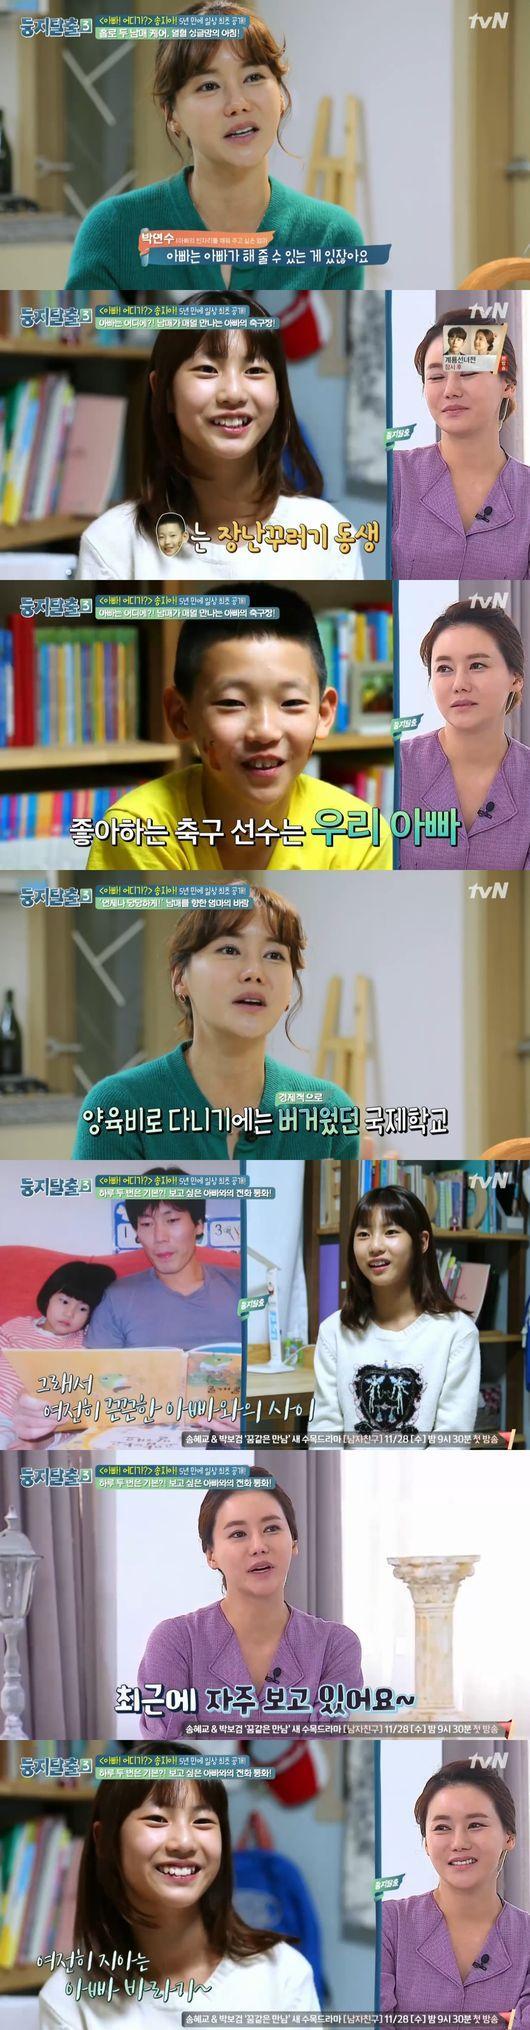 '둥지탈출3' 박잎선이 밝힌 #송종국